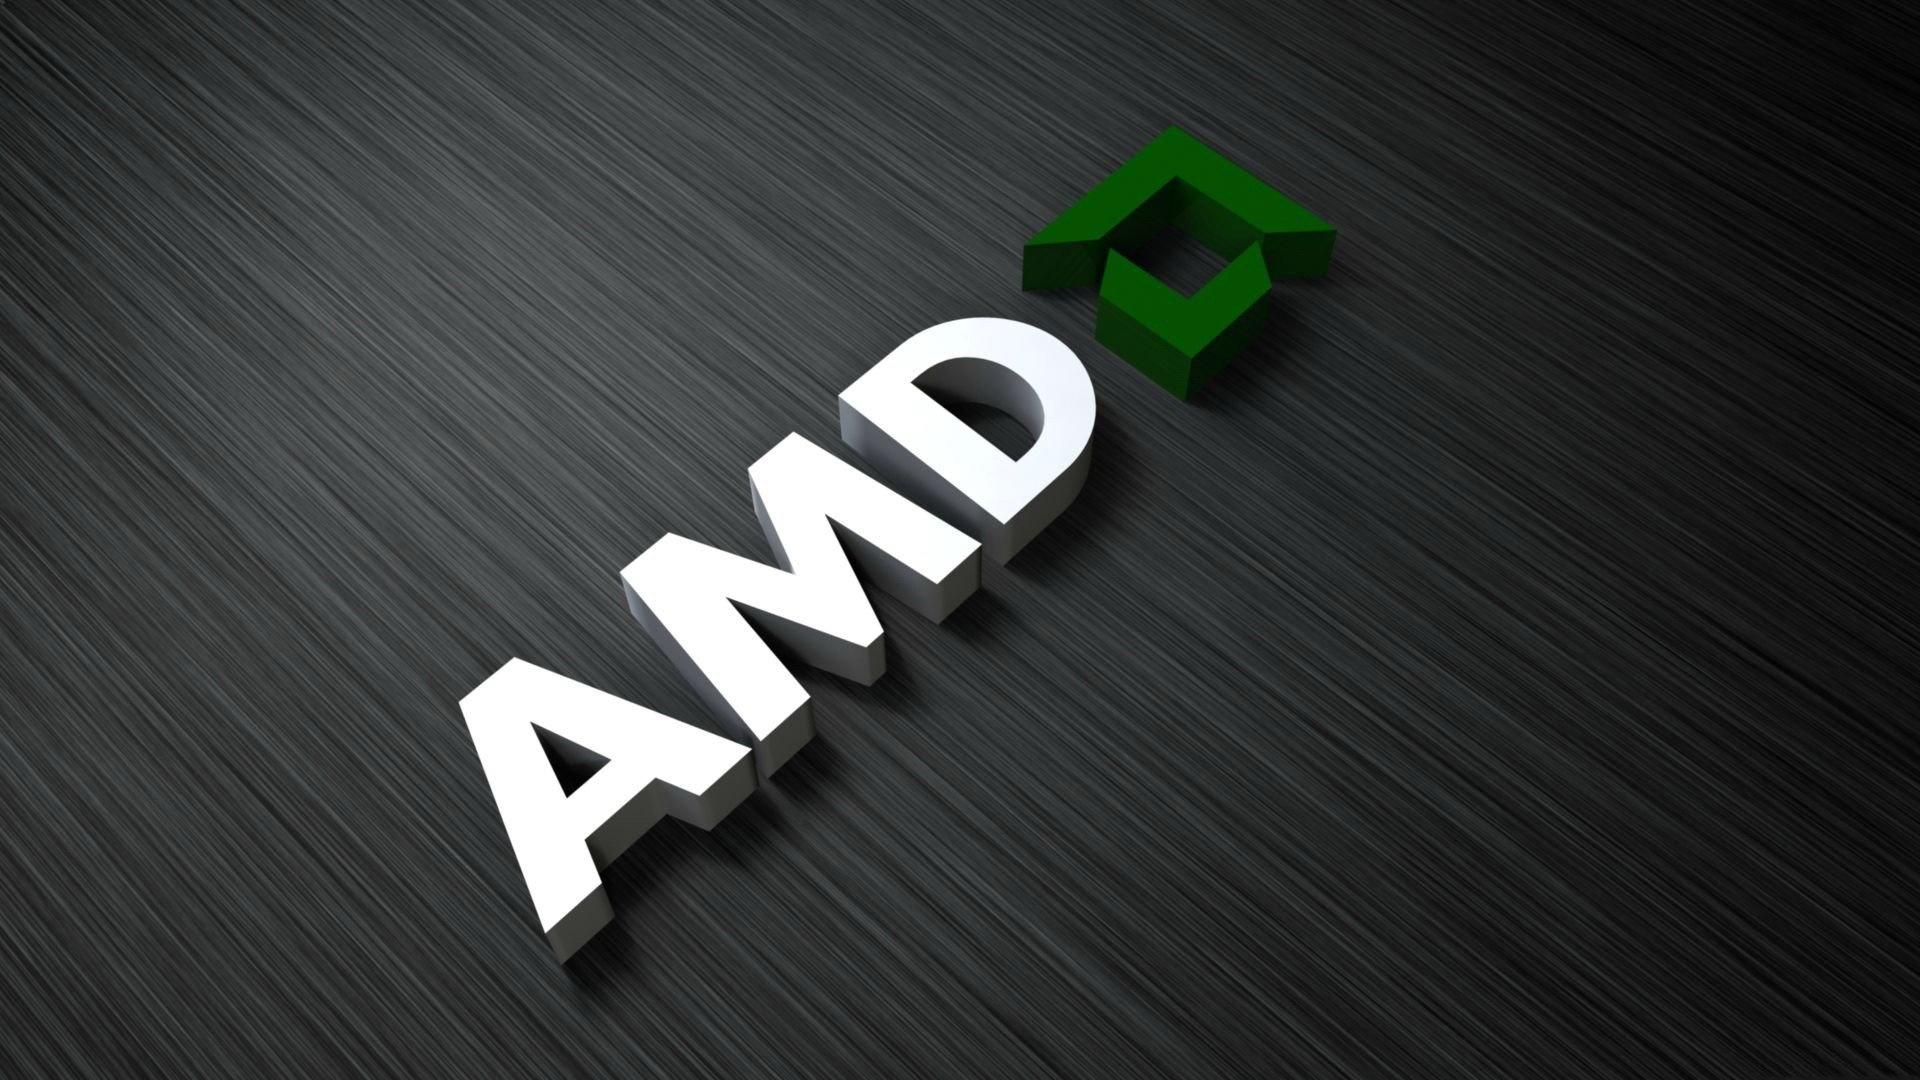 着名投行Morgan Stanley认为,半导体公司AMD正在不断发出积极信号,该投行之前作出的保守的业绩预测是一个错误的决定。